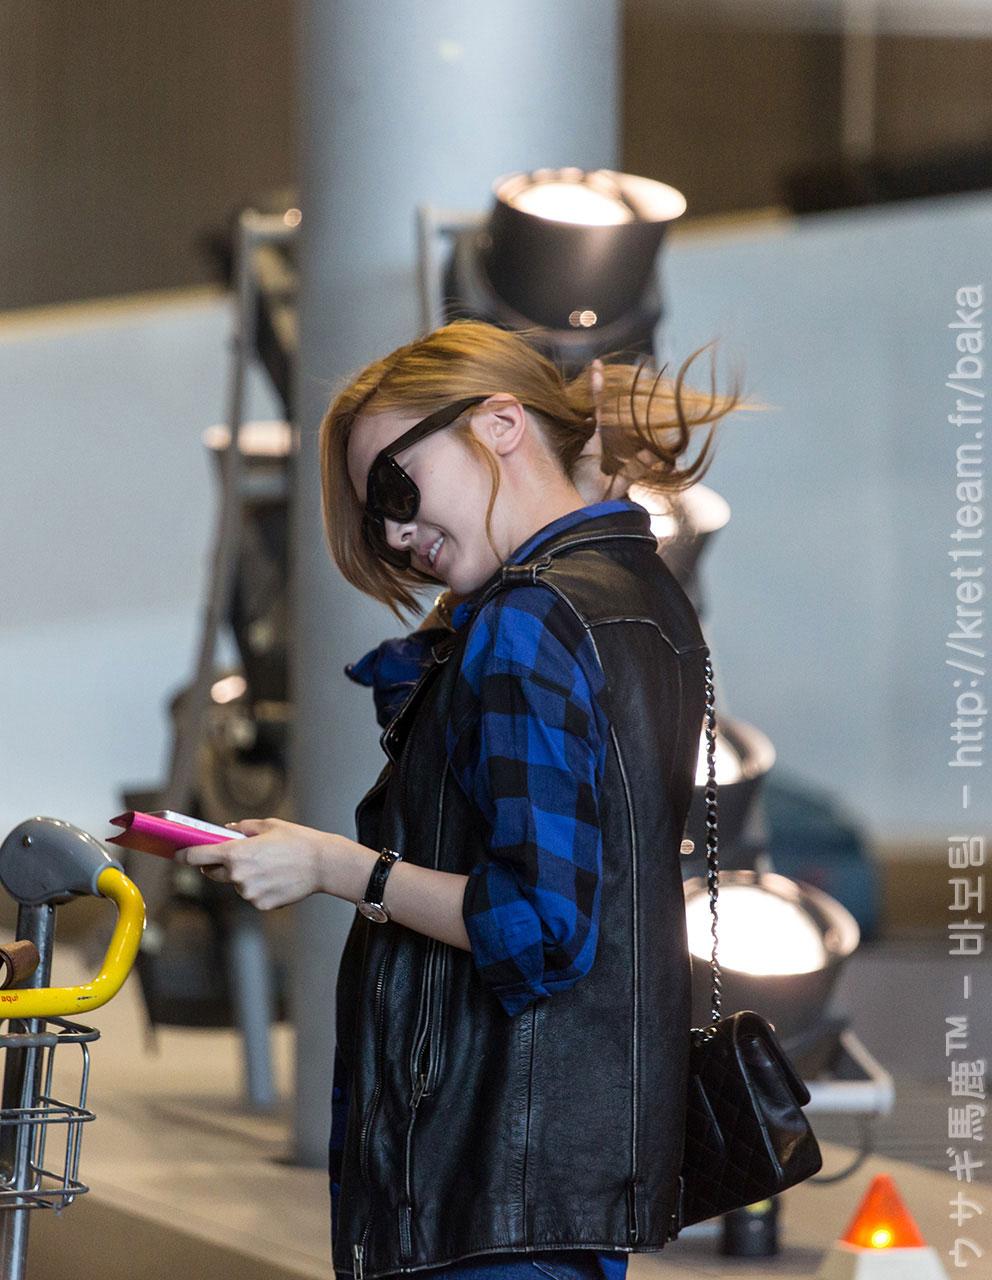 Jessica @ Paris Charles de Gaulle Airport